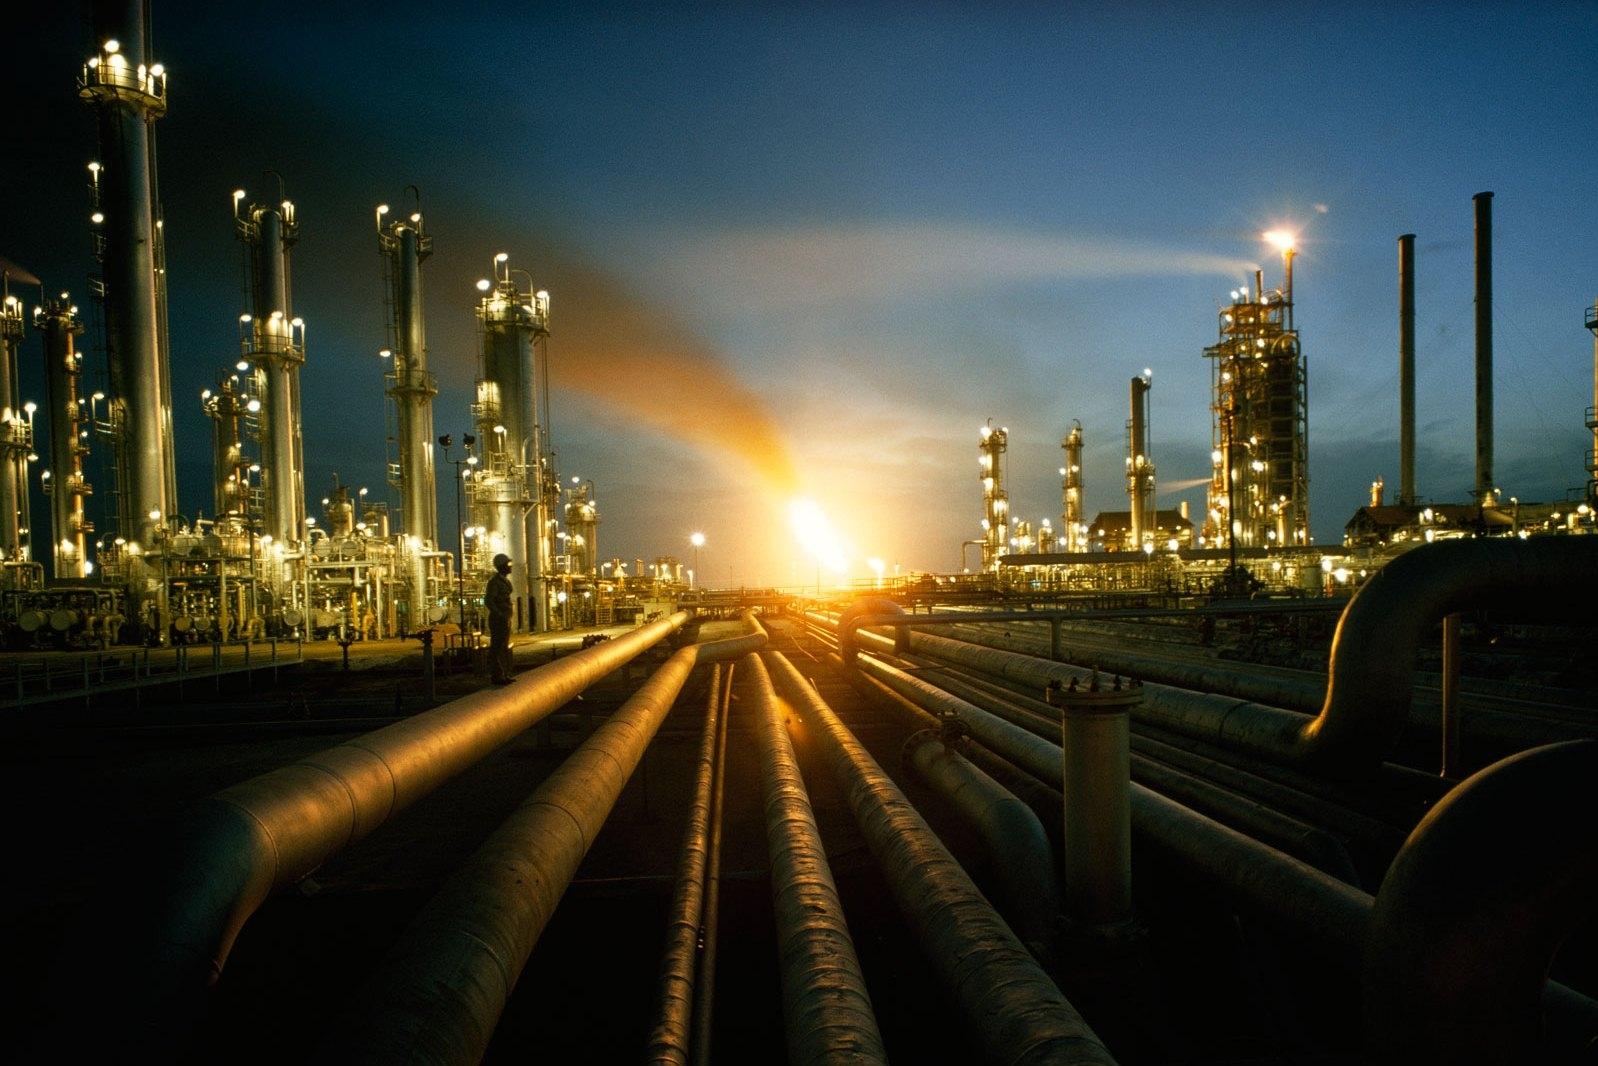 Bảo đảm an ninh năng lượng: Nghiên cứu áp dụng phải đạt hiệu quả cao nhất